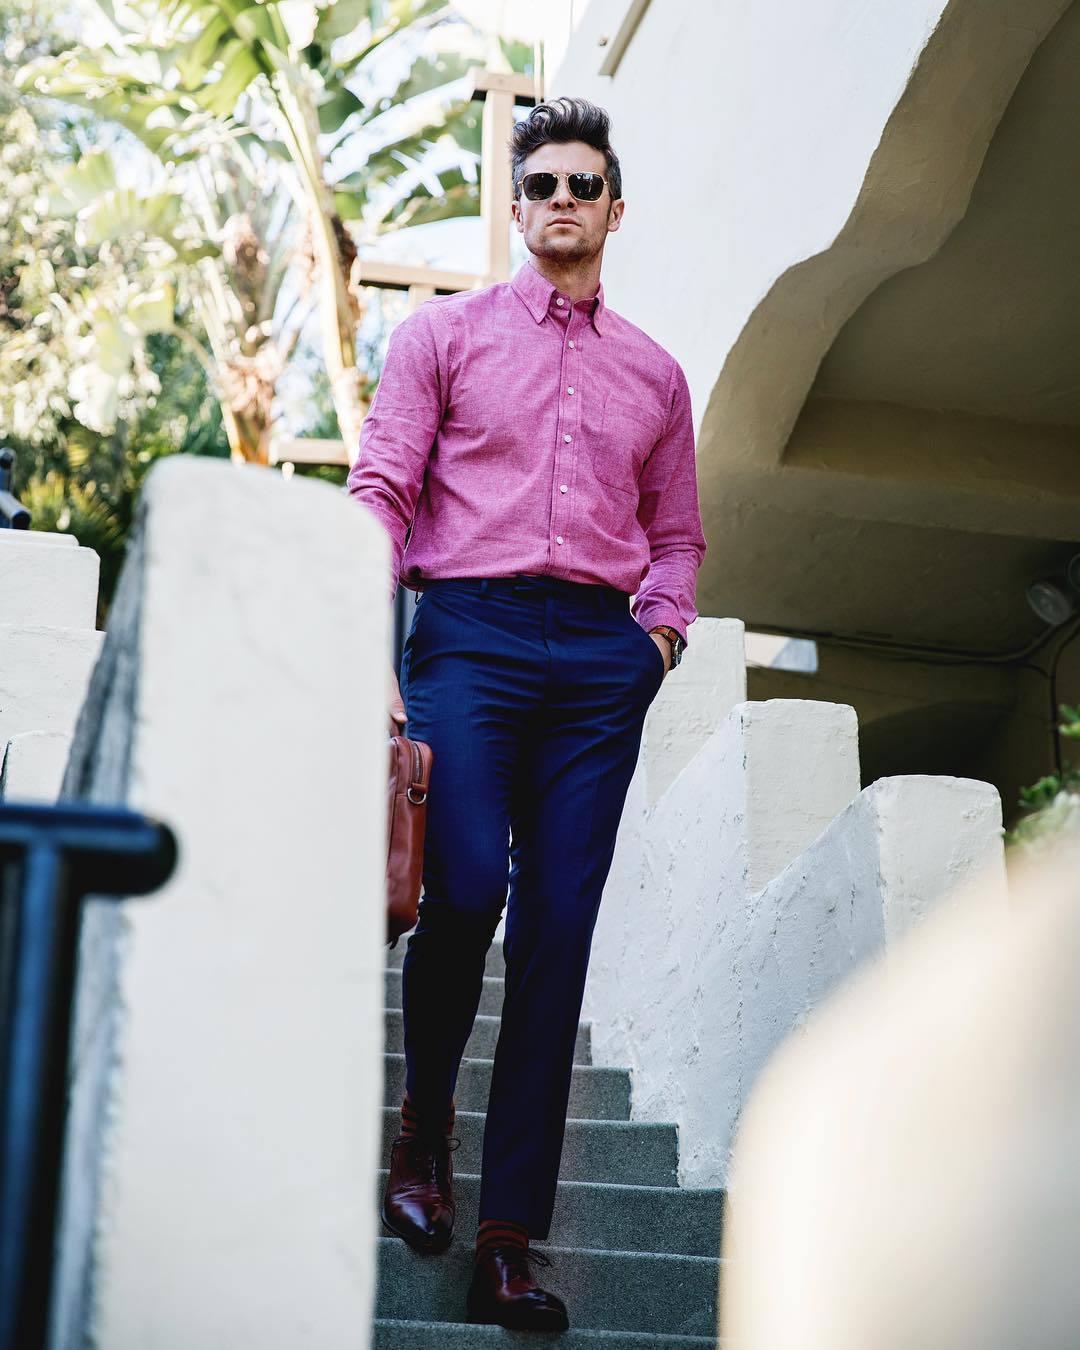 587f49d5a17a6 Cómo combinar una camisa rosa (187 looks de moda)